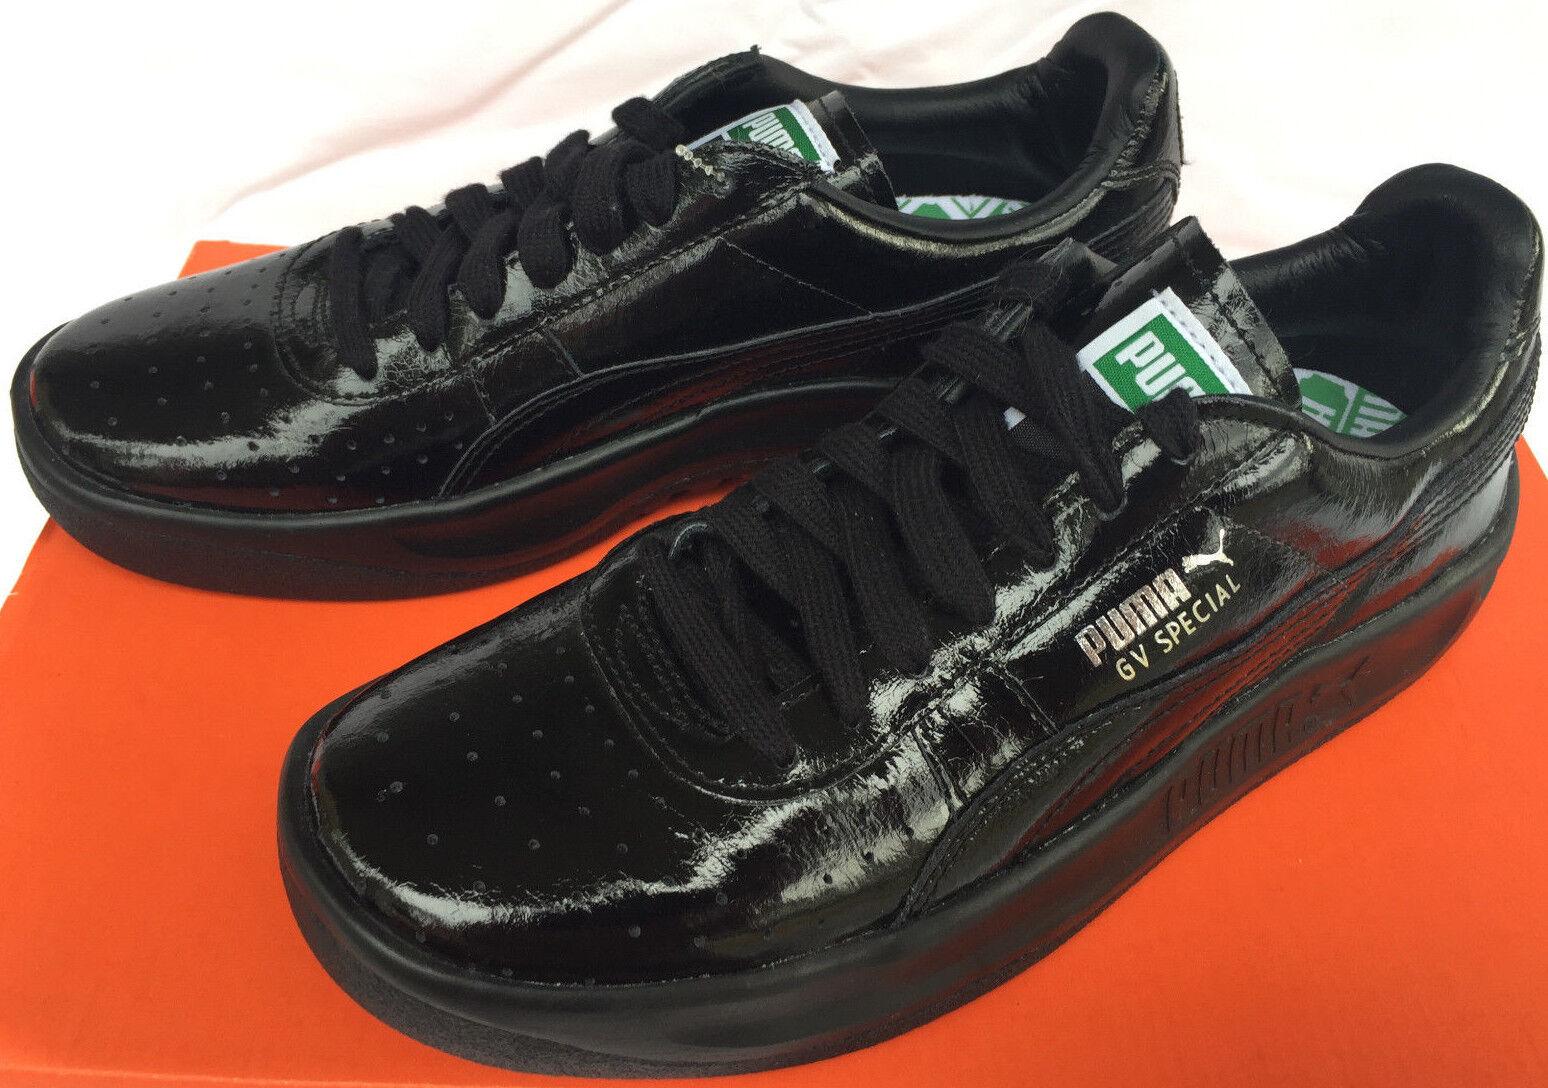 Puma GV Special Mate Brillo 35891201 Retro Tenis Zapatos para hombre 6.5 Nuevo